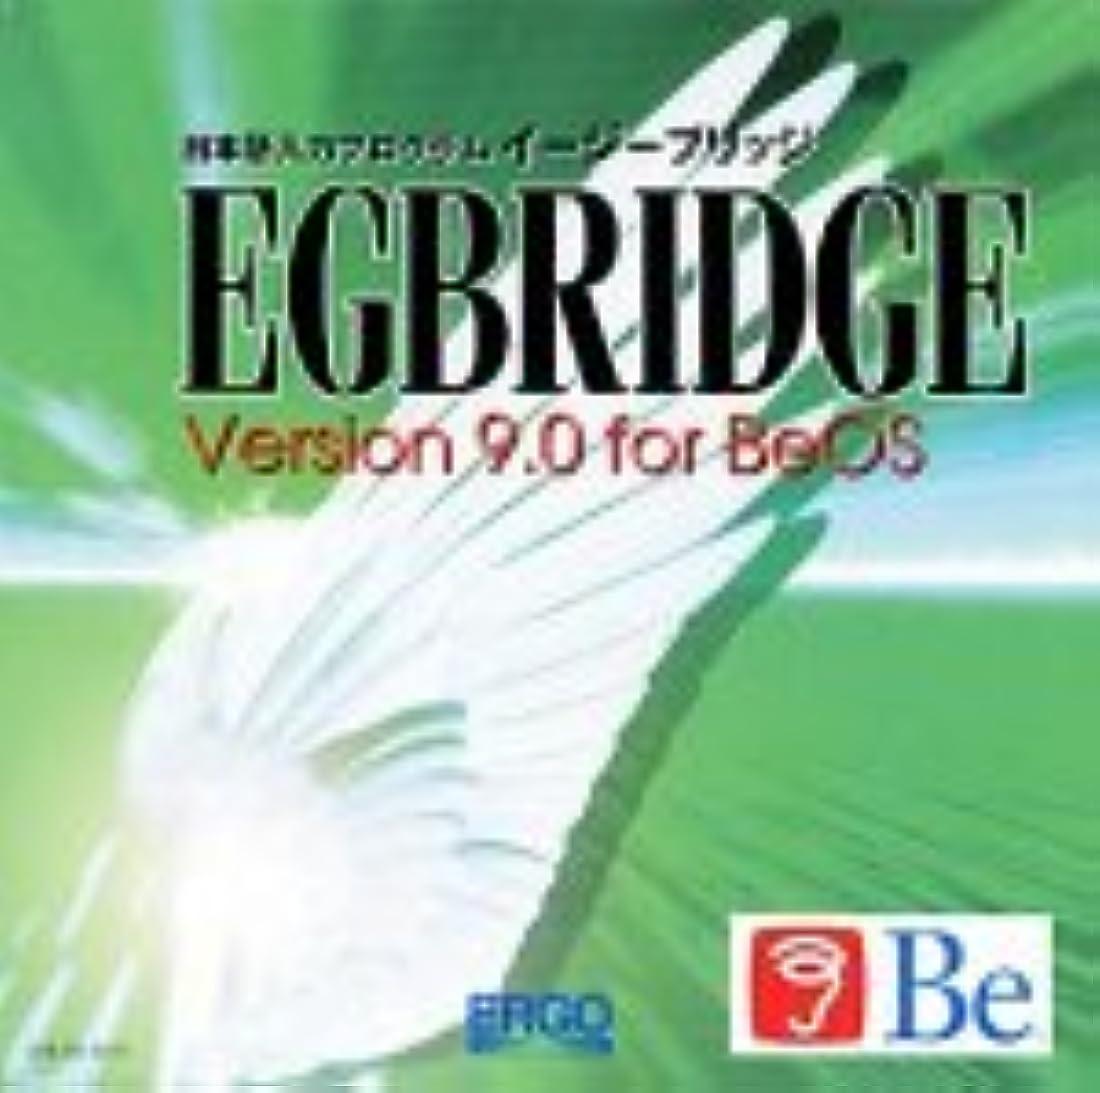 ゲートフルーツ野菜バルクEGBridge Version 9.0 for BeOS